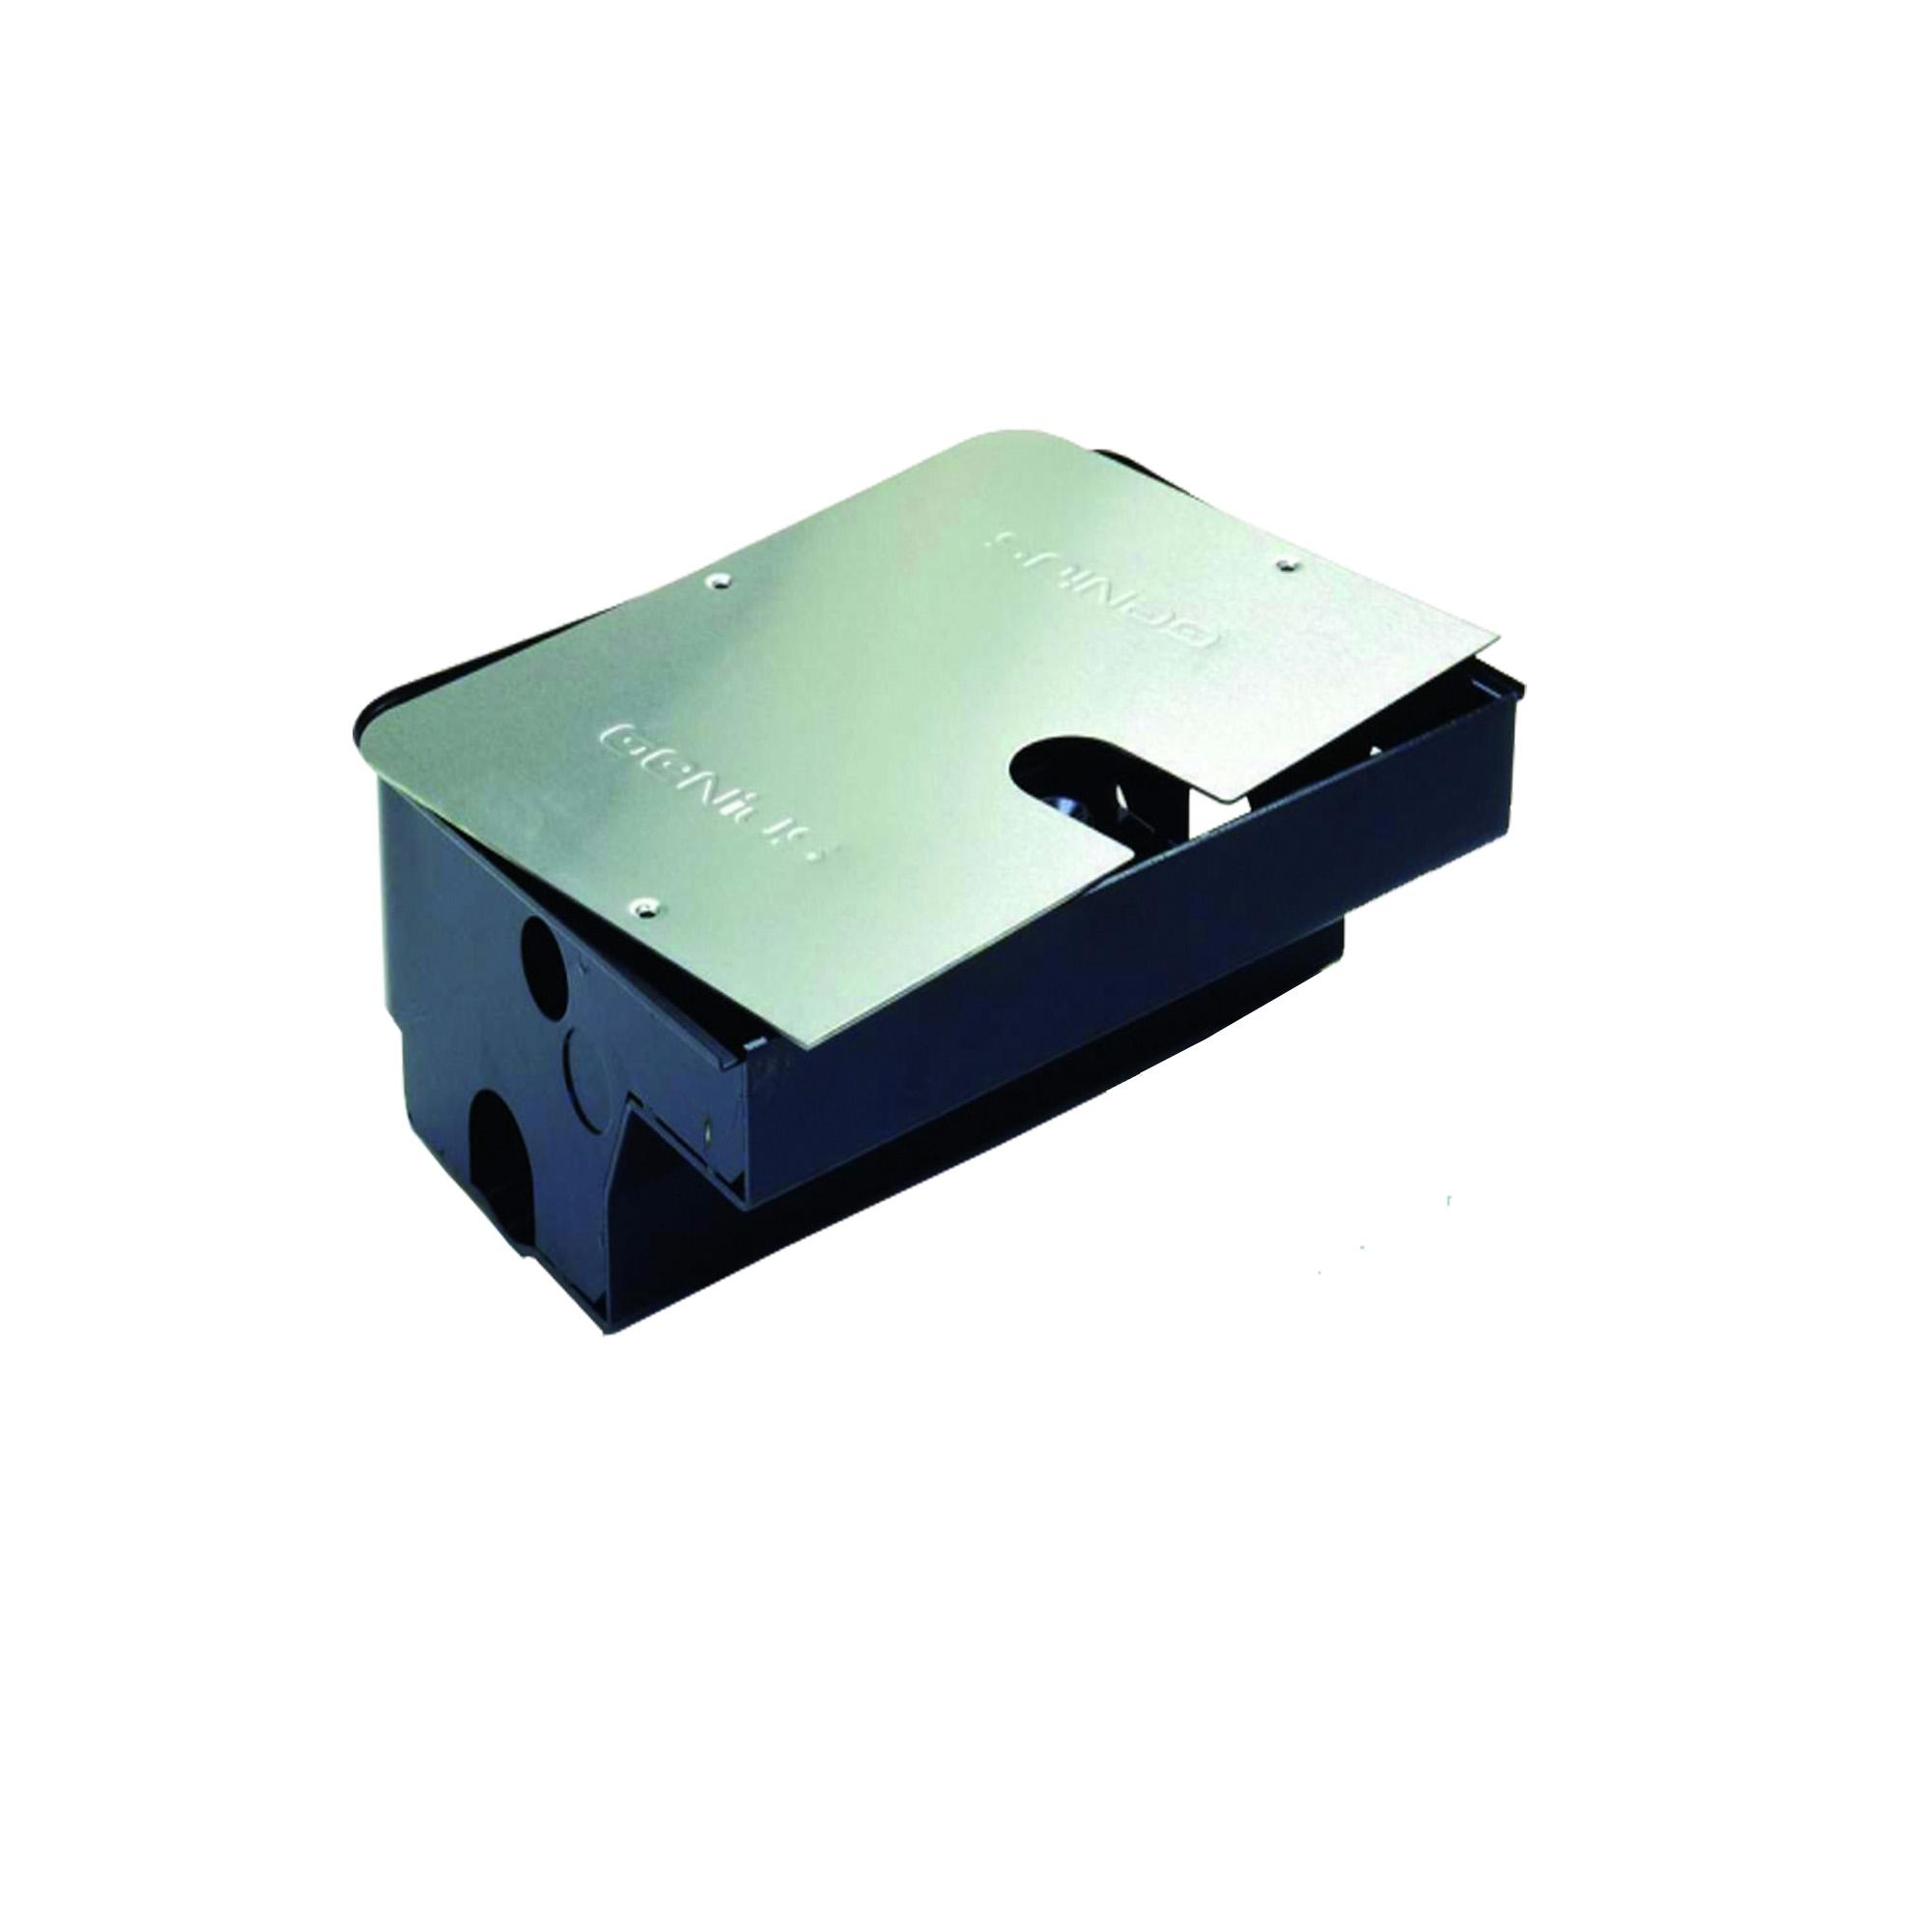 Motori Per Cancelli A Due Ante Faac.Motore Battente Interrato 230v Originale Faac Genius Roller 6170077 500 Kg 3 5 Mt